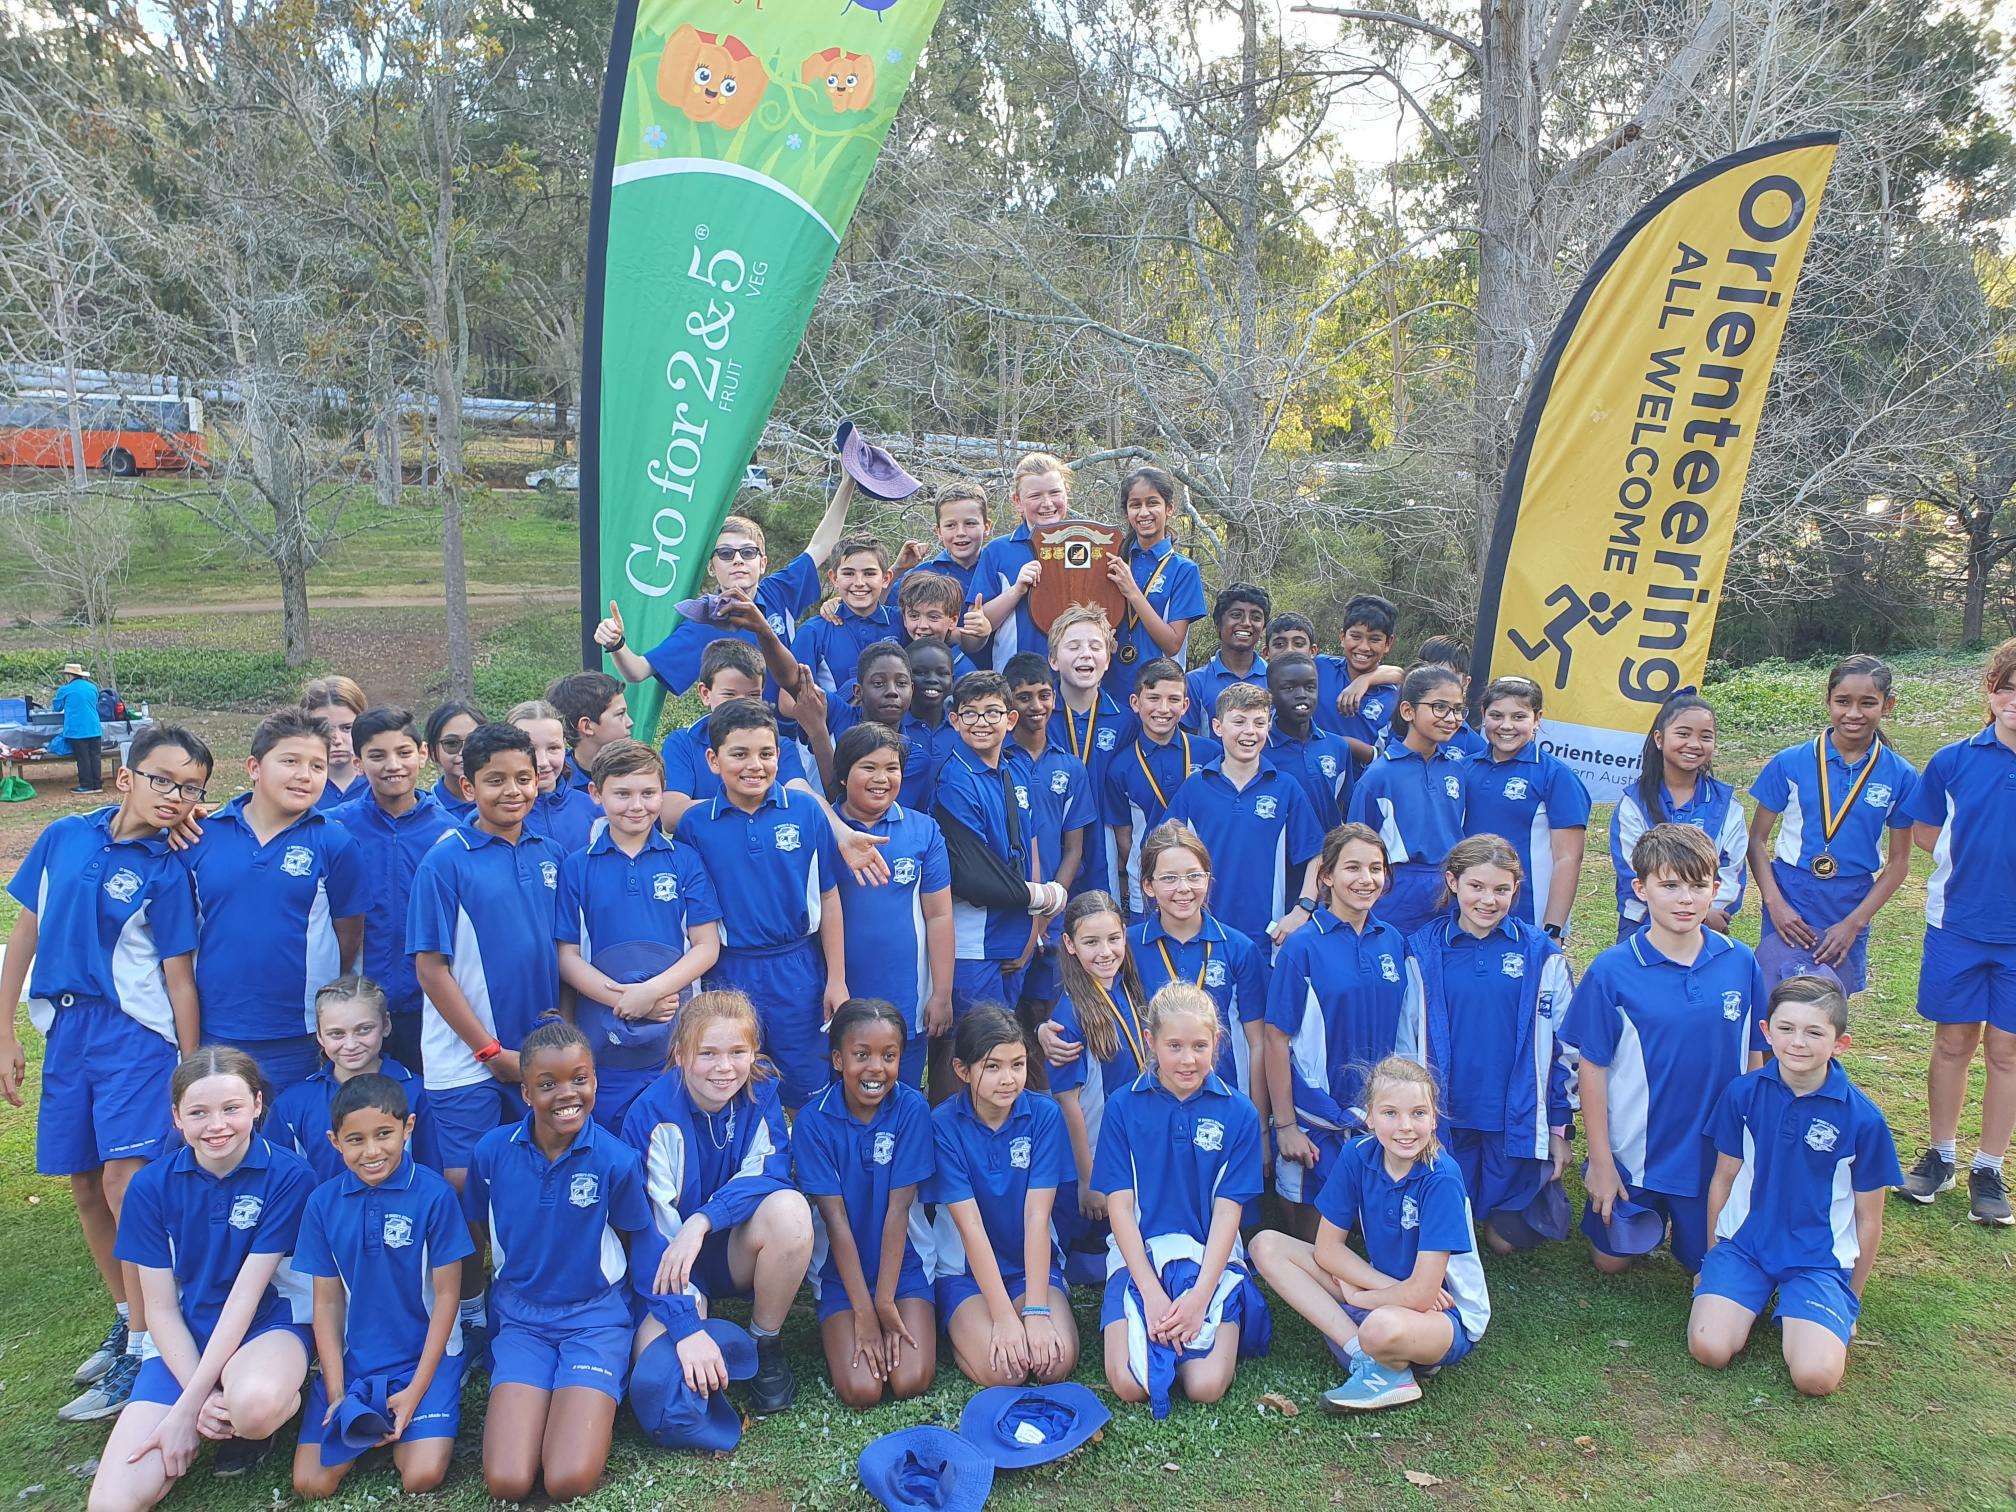 Orienteering Junior State Champions 2021